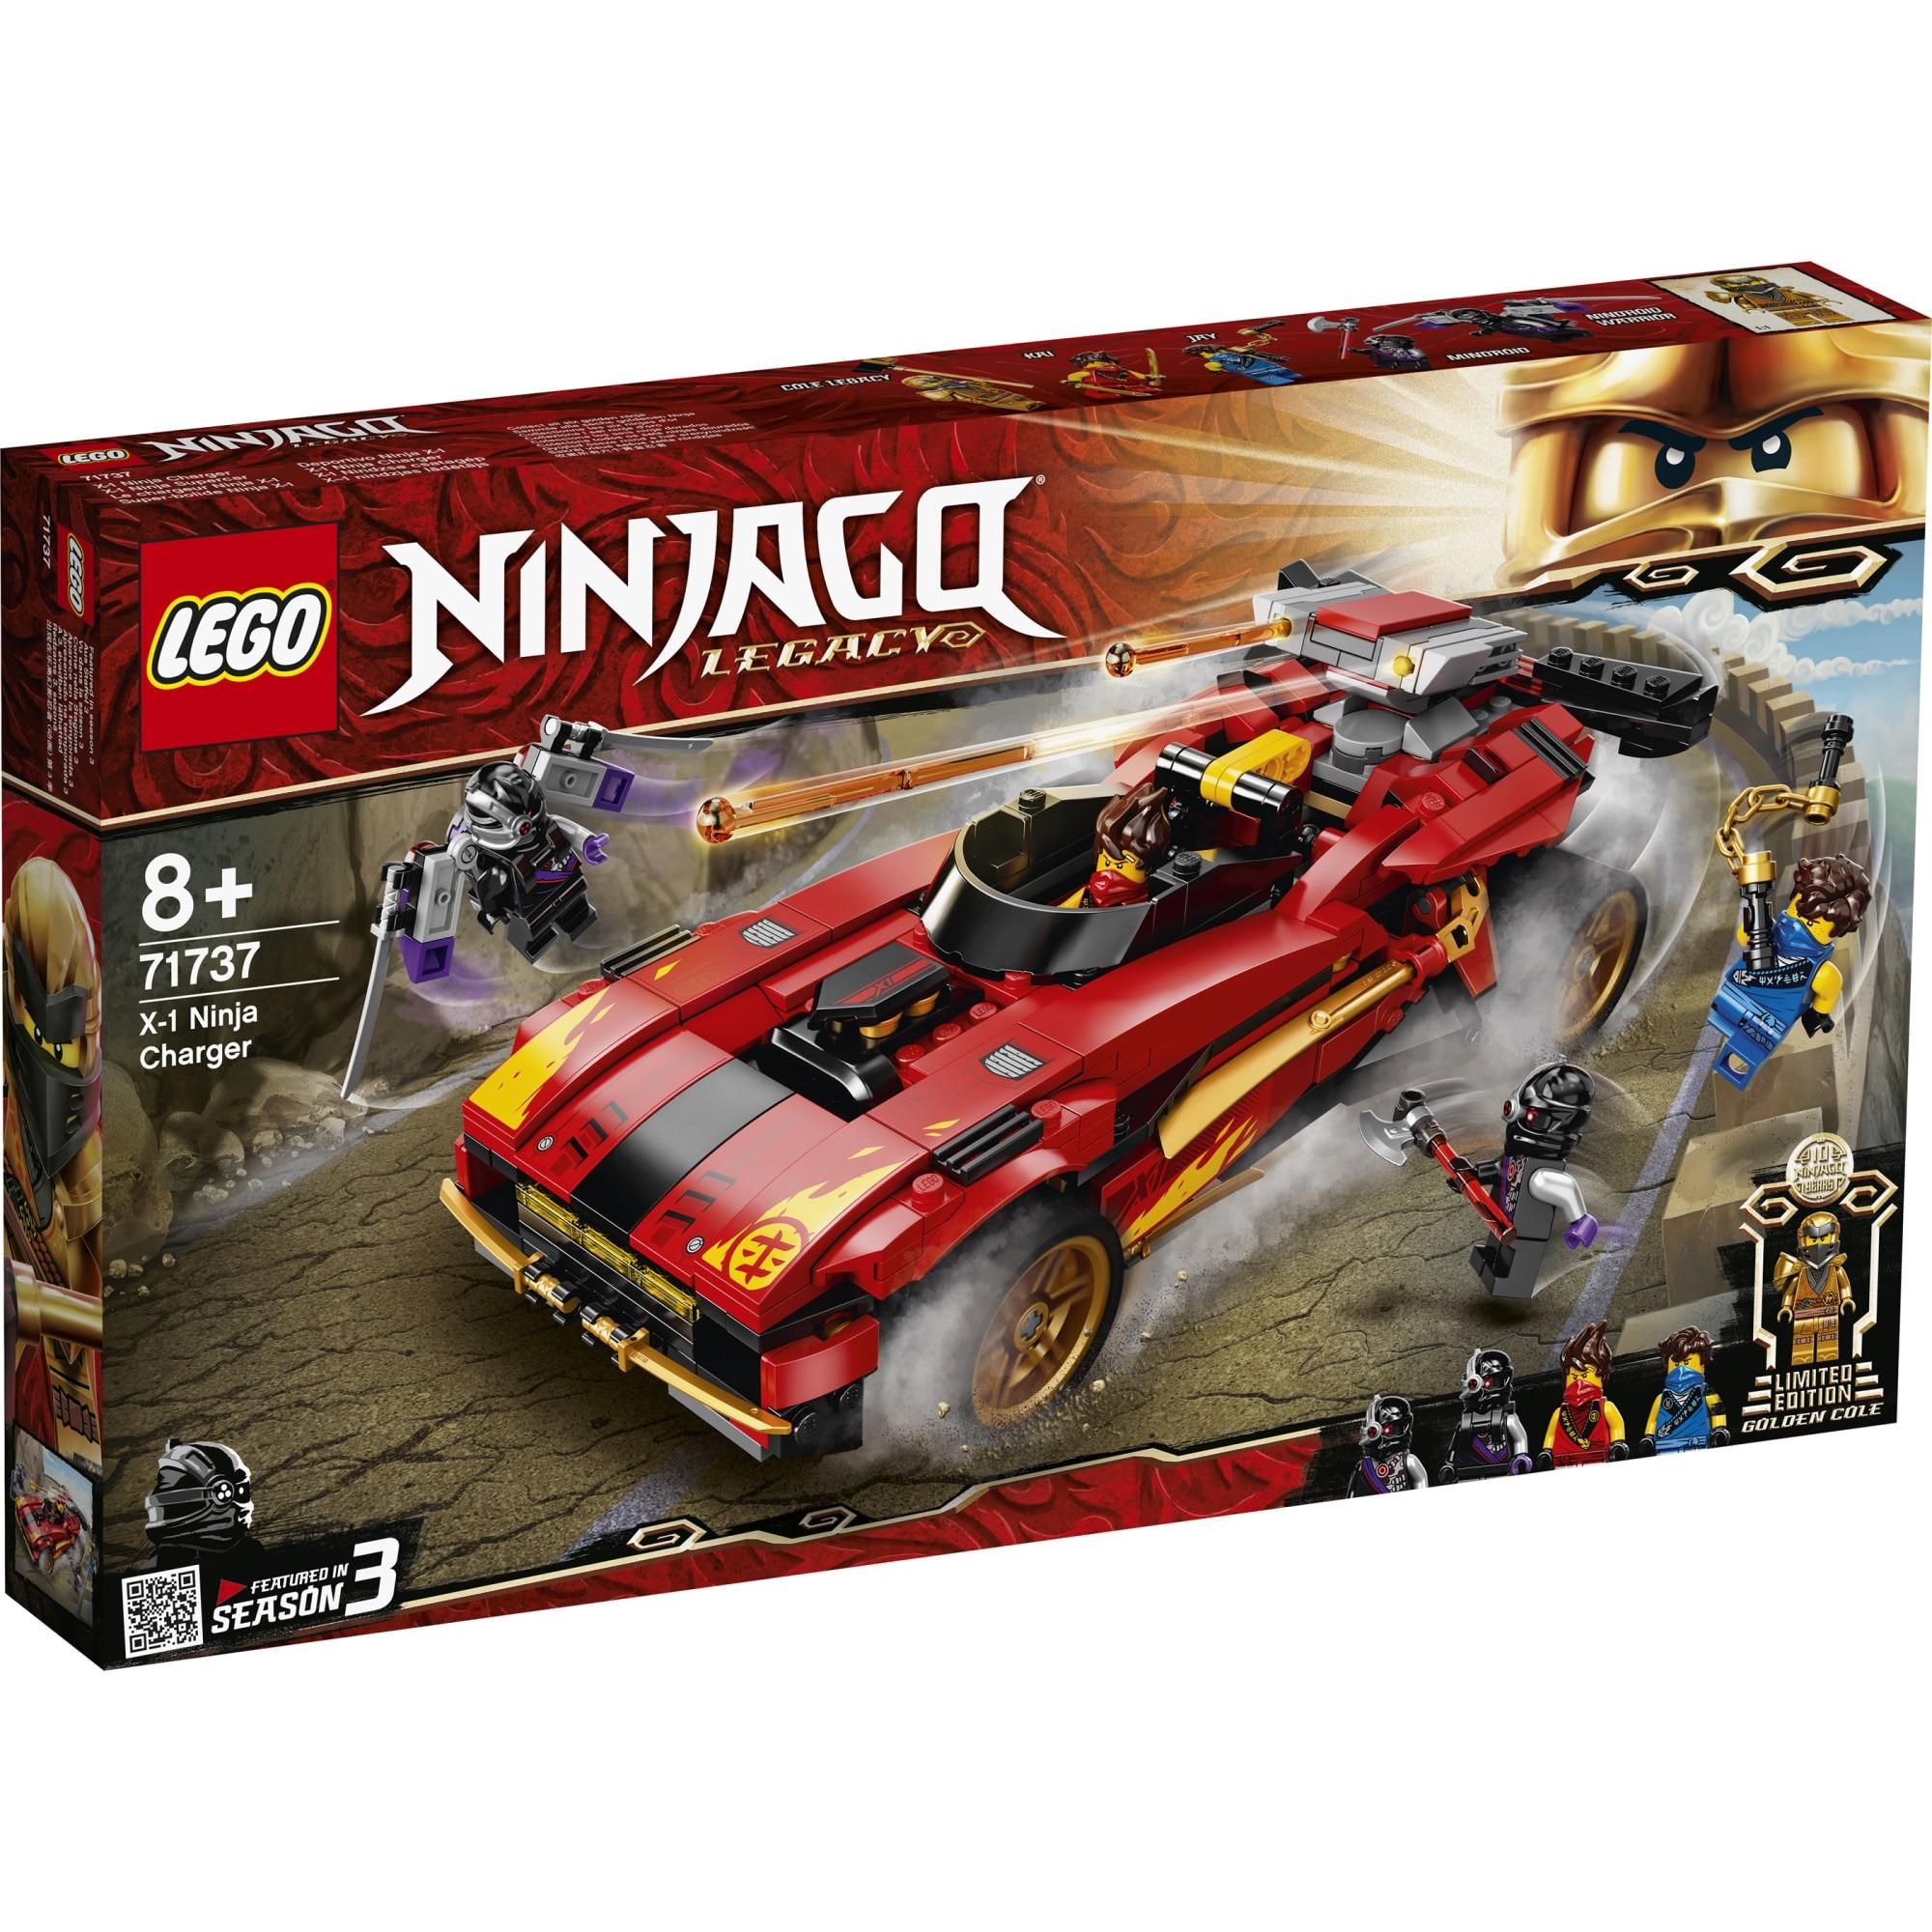 Fotografie LEGO NINJAGO - Incarcator Ninja X 1 71737, 599 piese